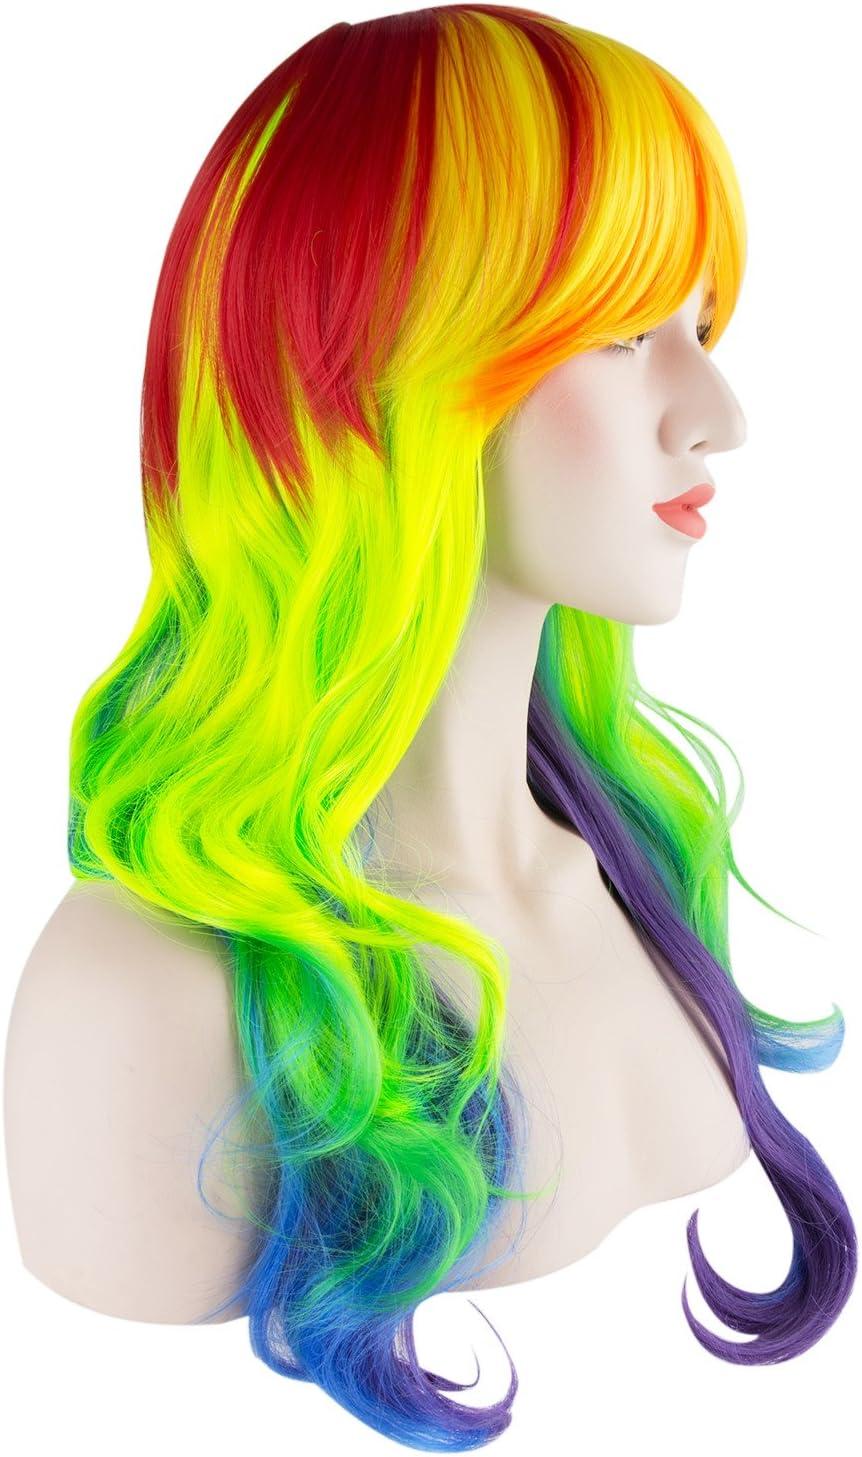 halloween ideale per feste da donna e ragazza resistente al caldo cosplay color arcobaleno Parrucca My Little Pony